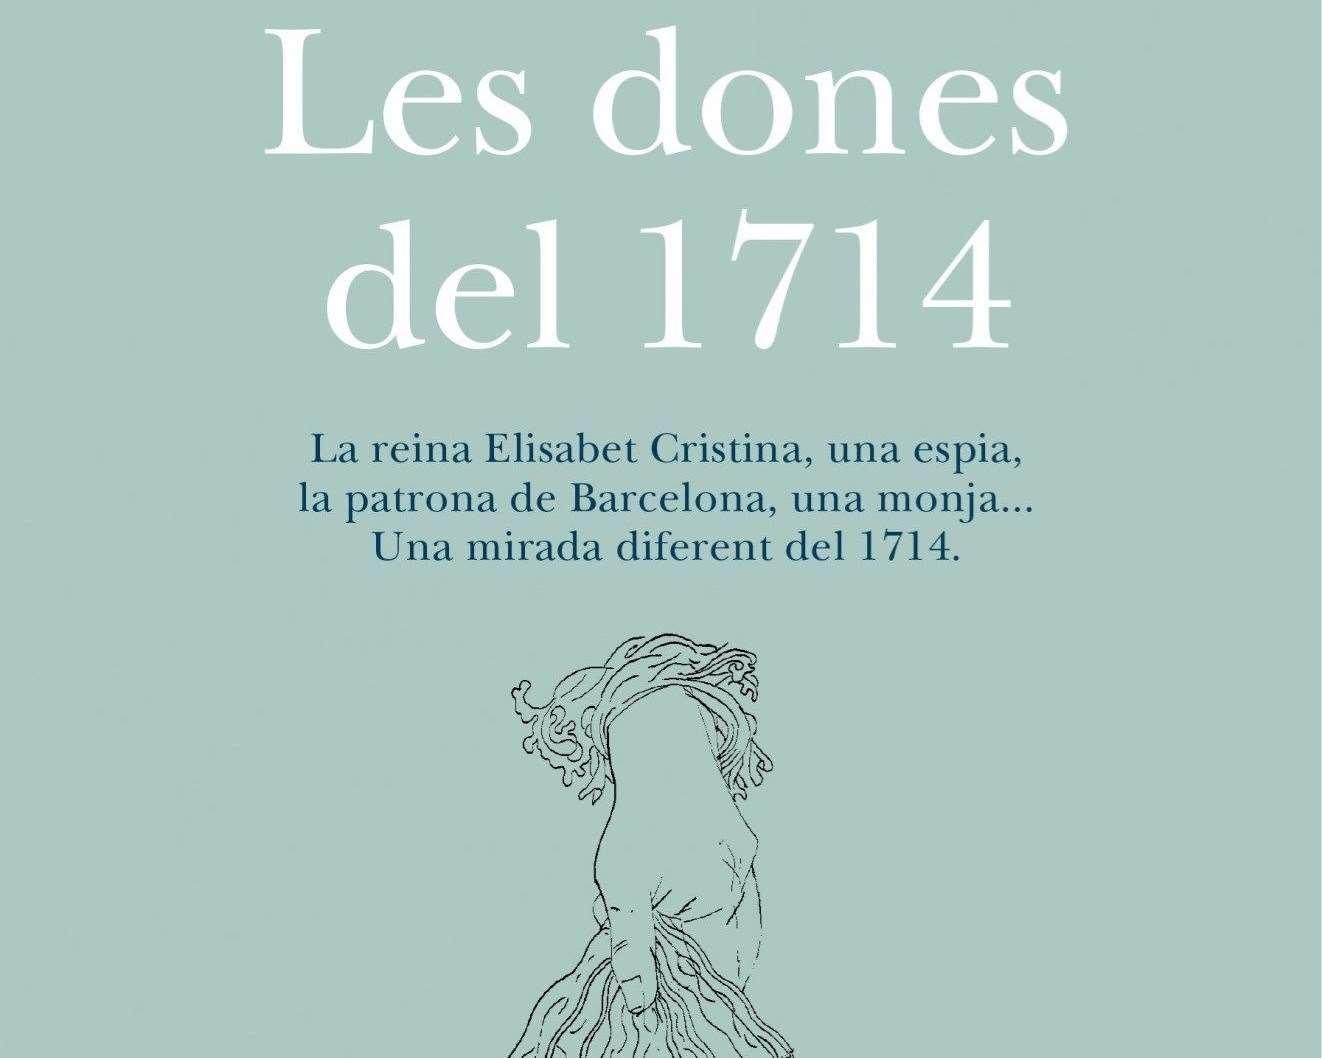 'Les dones del 1714' (2014)